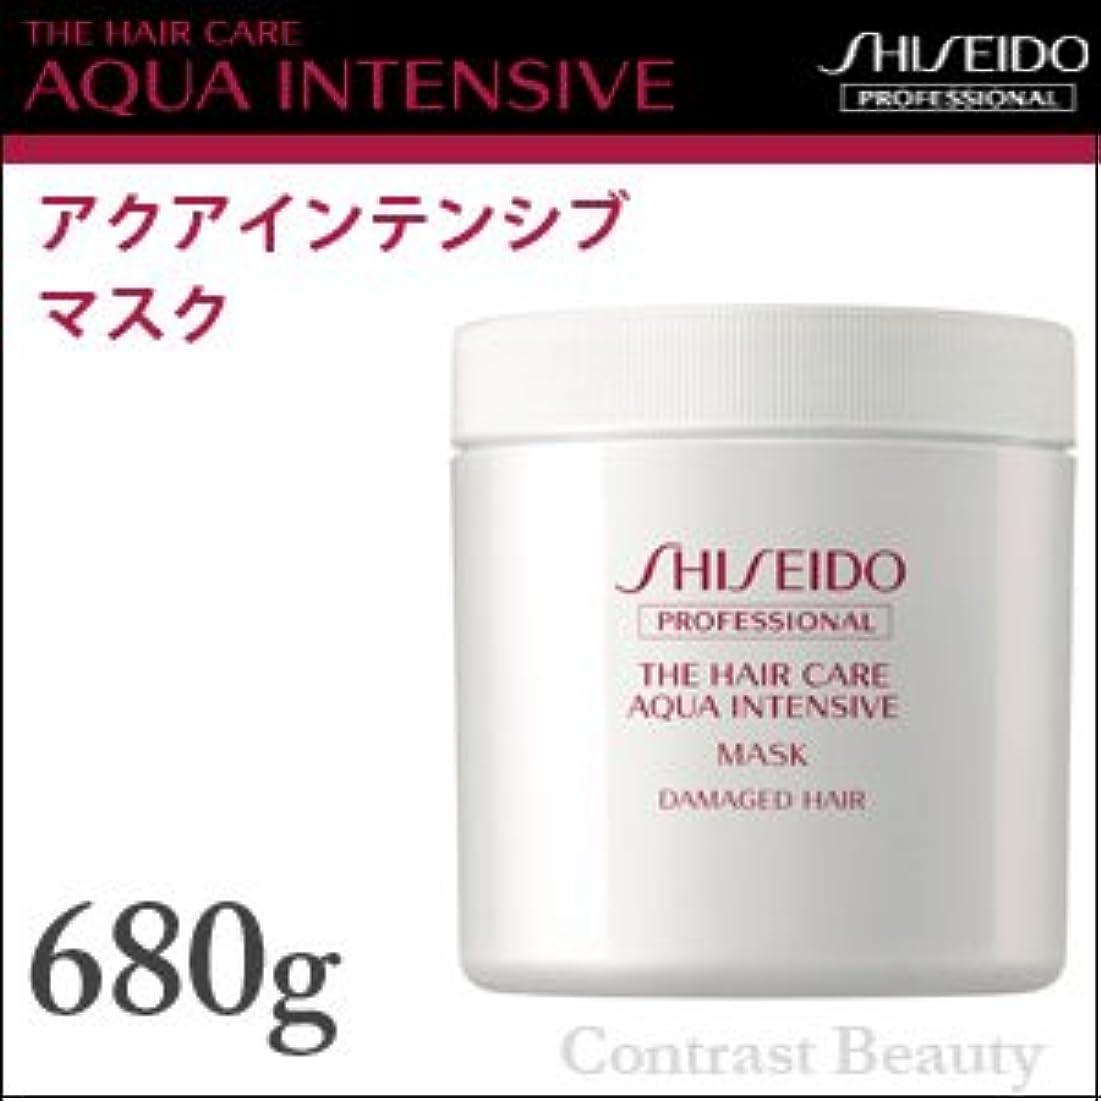 【x3個セット】 資生堂プロフェッショナル アクアインテンシブ マスク 680g 詰め替え トリートメント 美容院